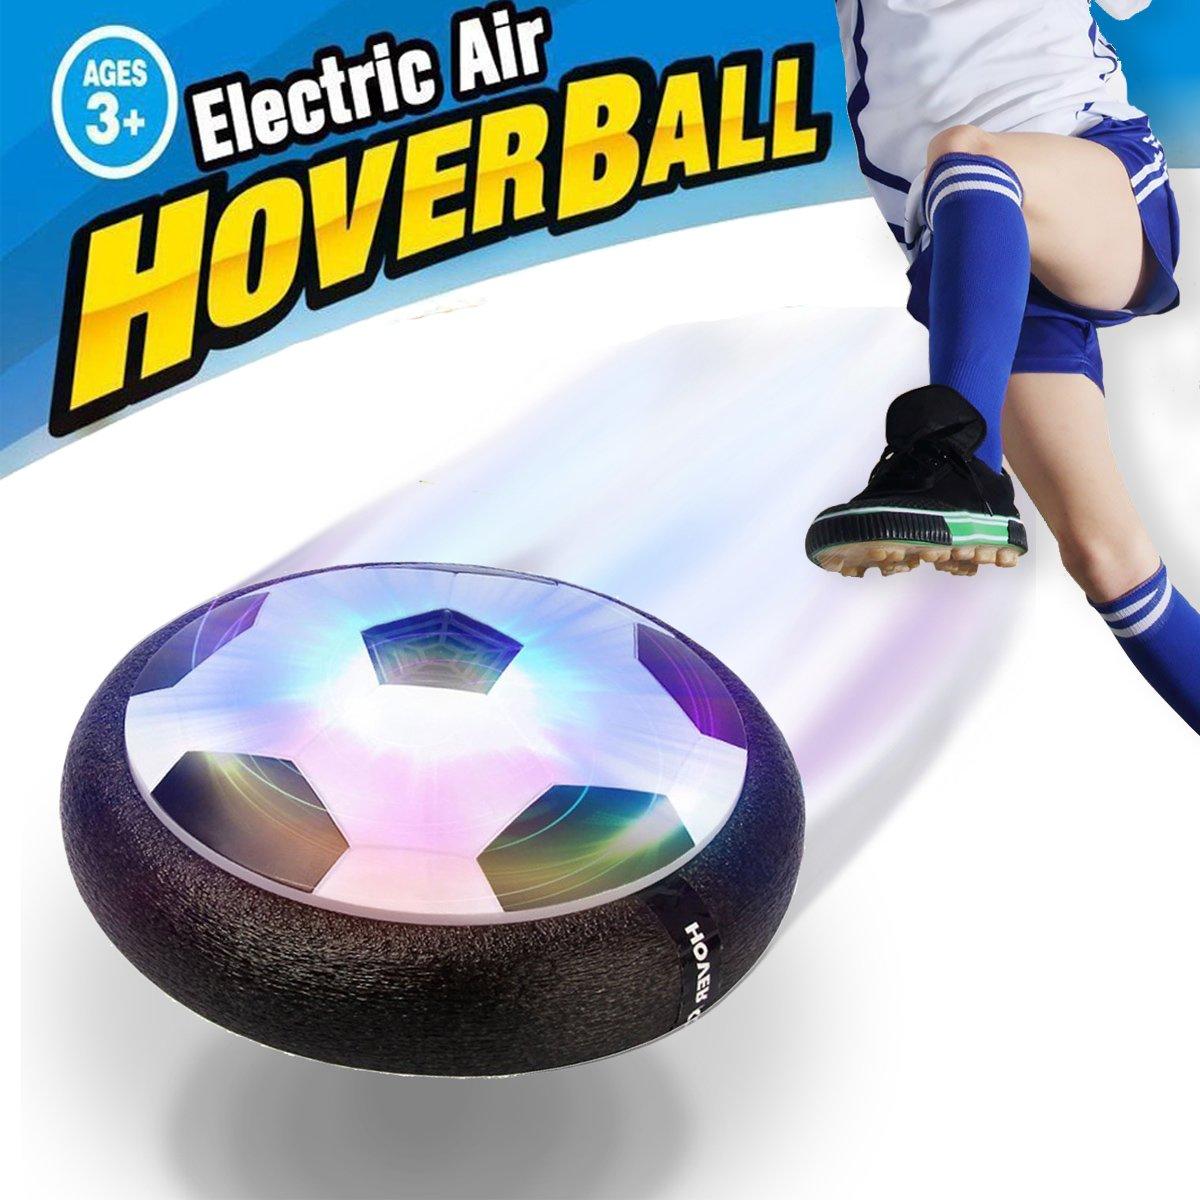 SeeKool Juguete Balón de Fútbol Flotante Air Soccer Ball con Luces LED, Air Football Hover Ball con Parachoques de Espuma, Formación Fútbol en Casa, Niños Niñas Deportes Juguetes Formación Fútbol en Casa